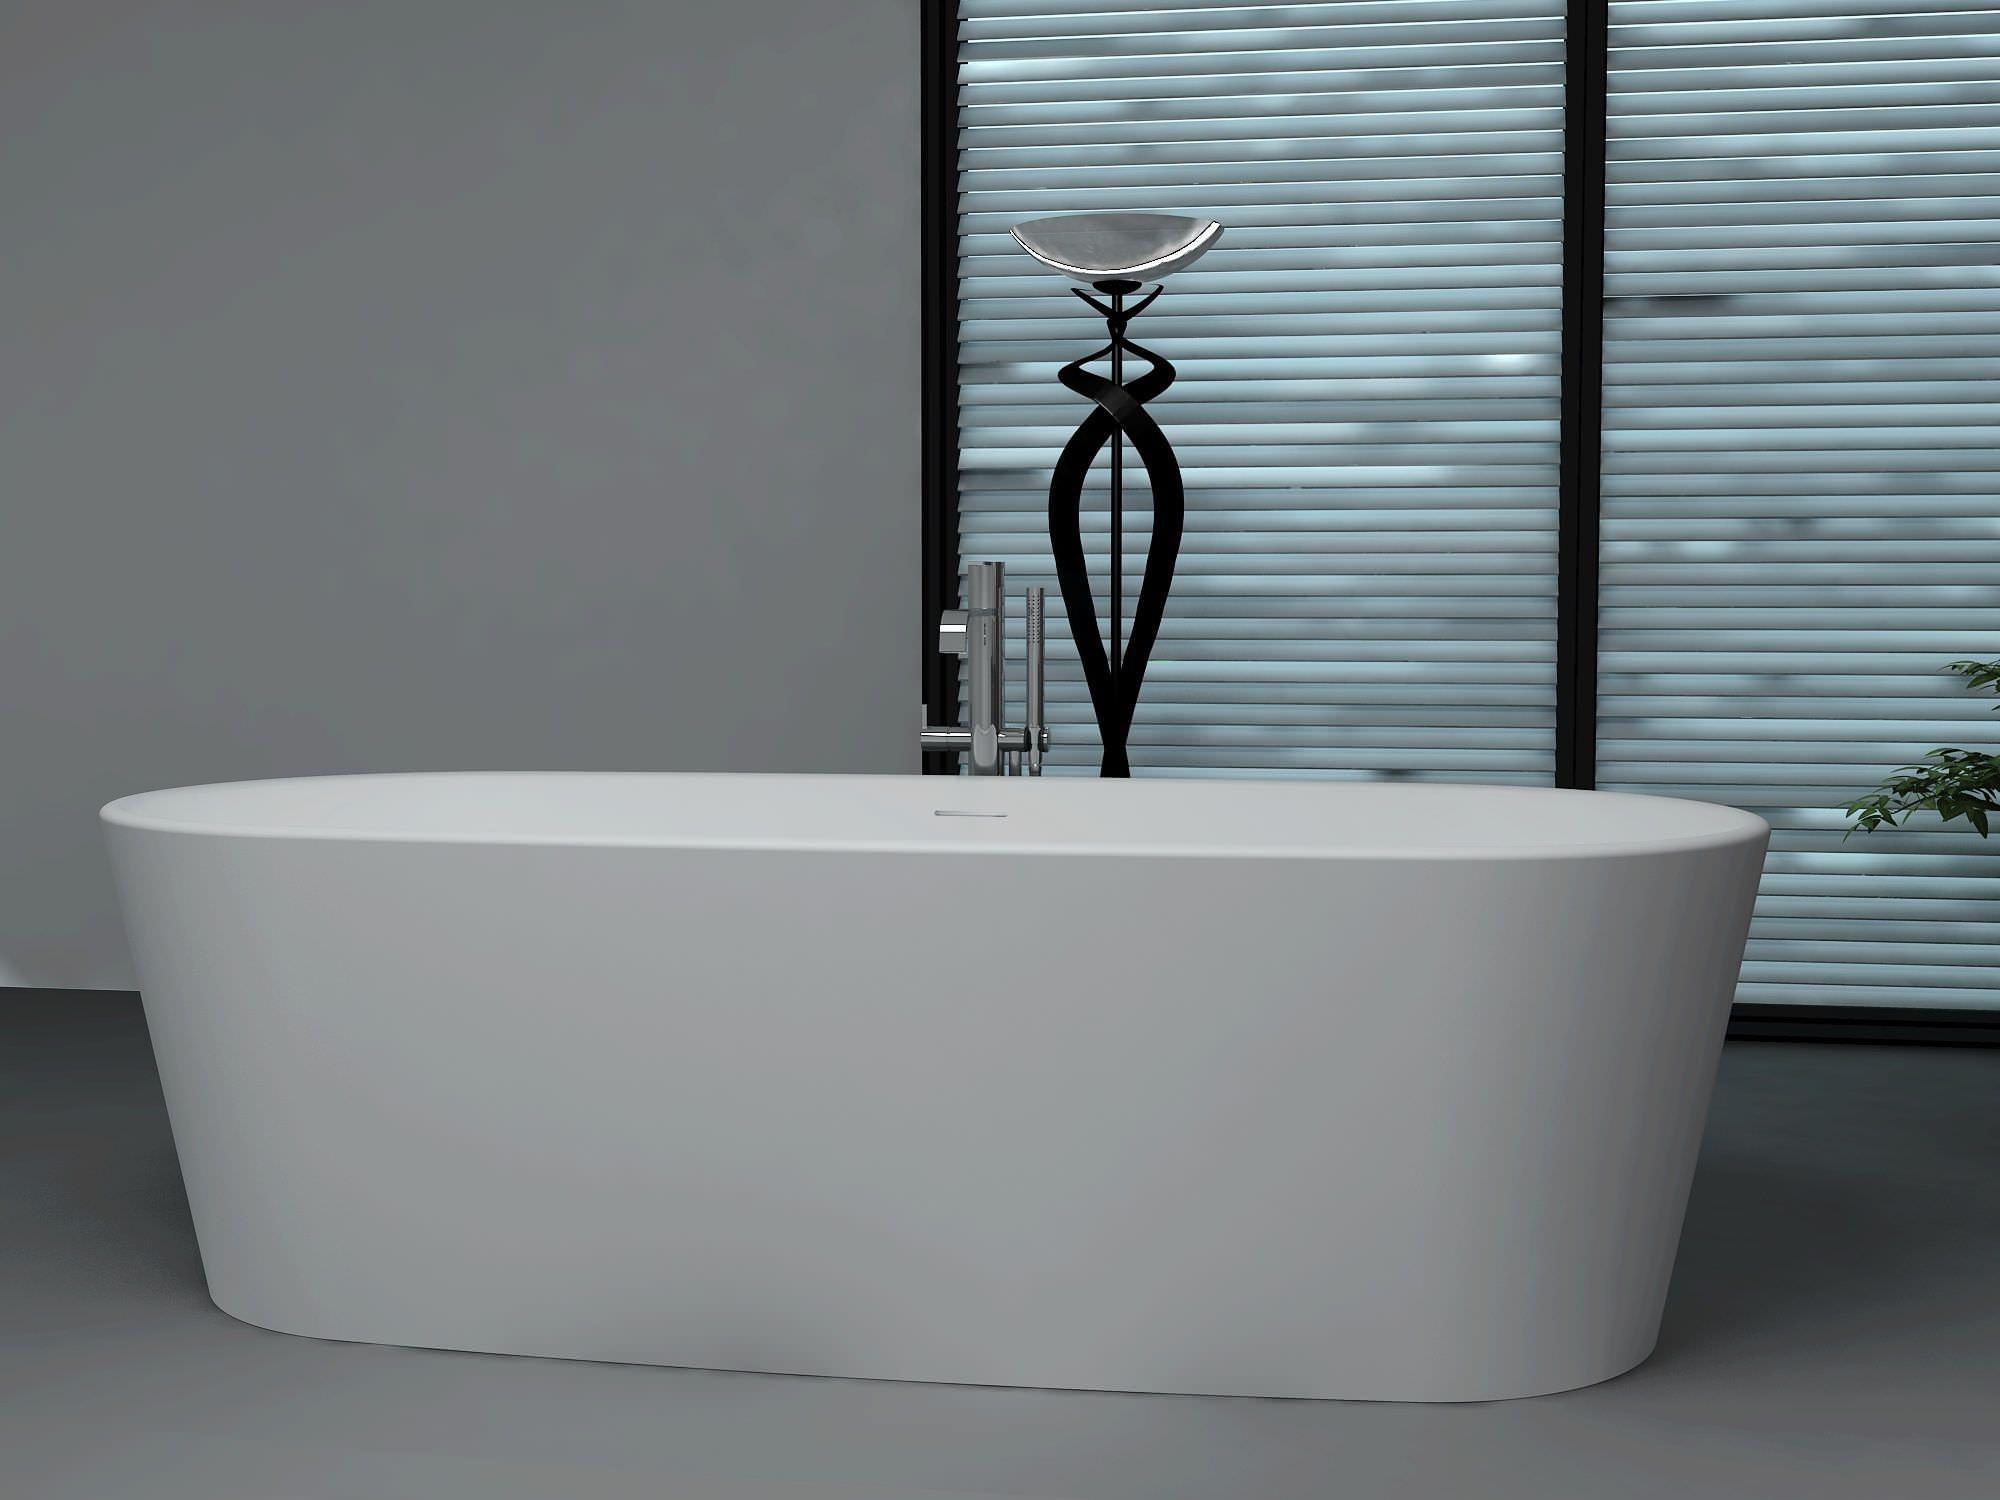 Fußboden Aus Mineralwerkstoff ~ Freistehende badewanne oval mineralwerkstoff bs s bella